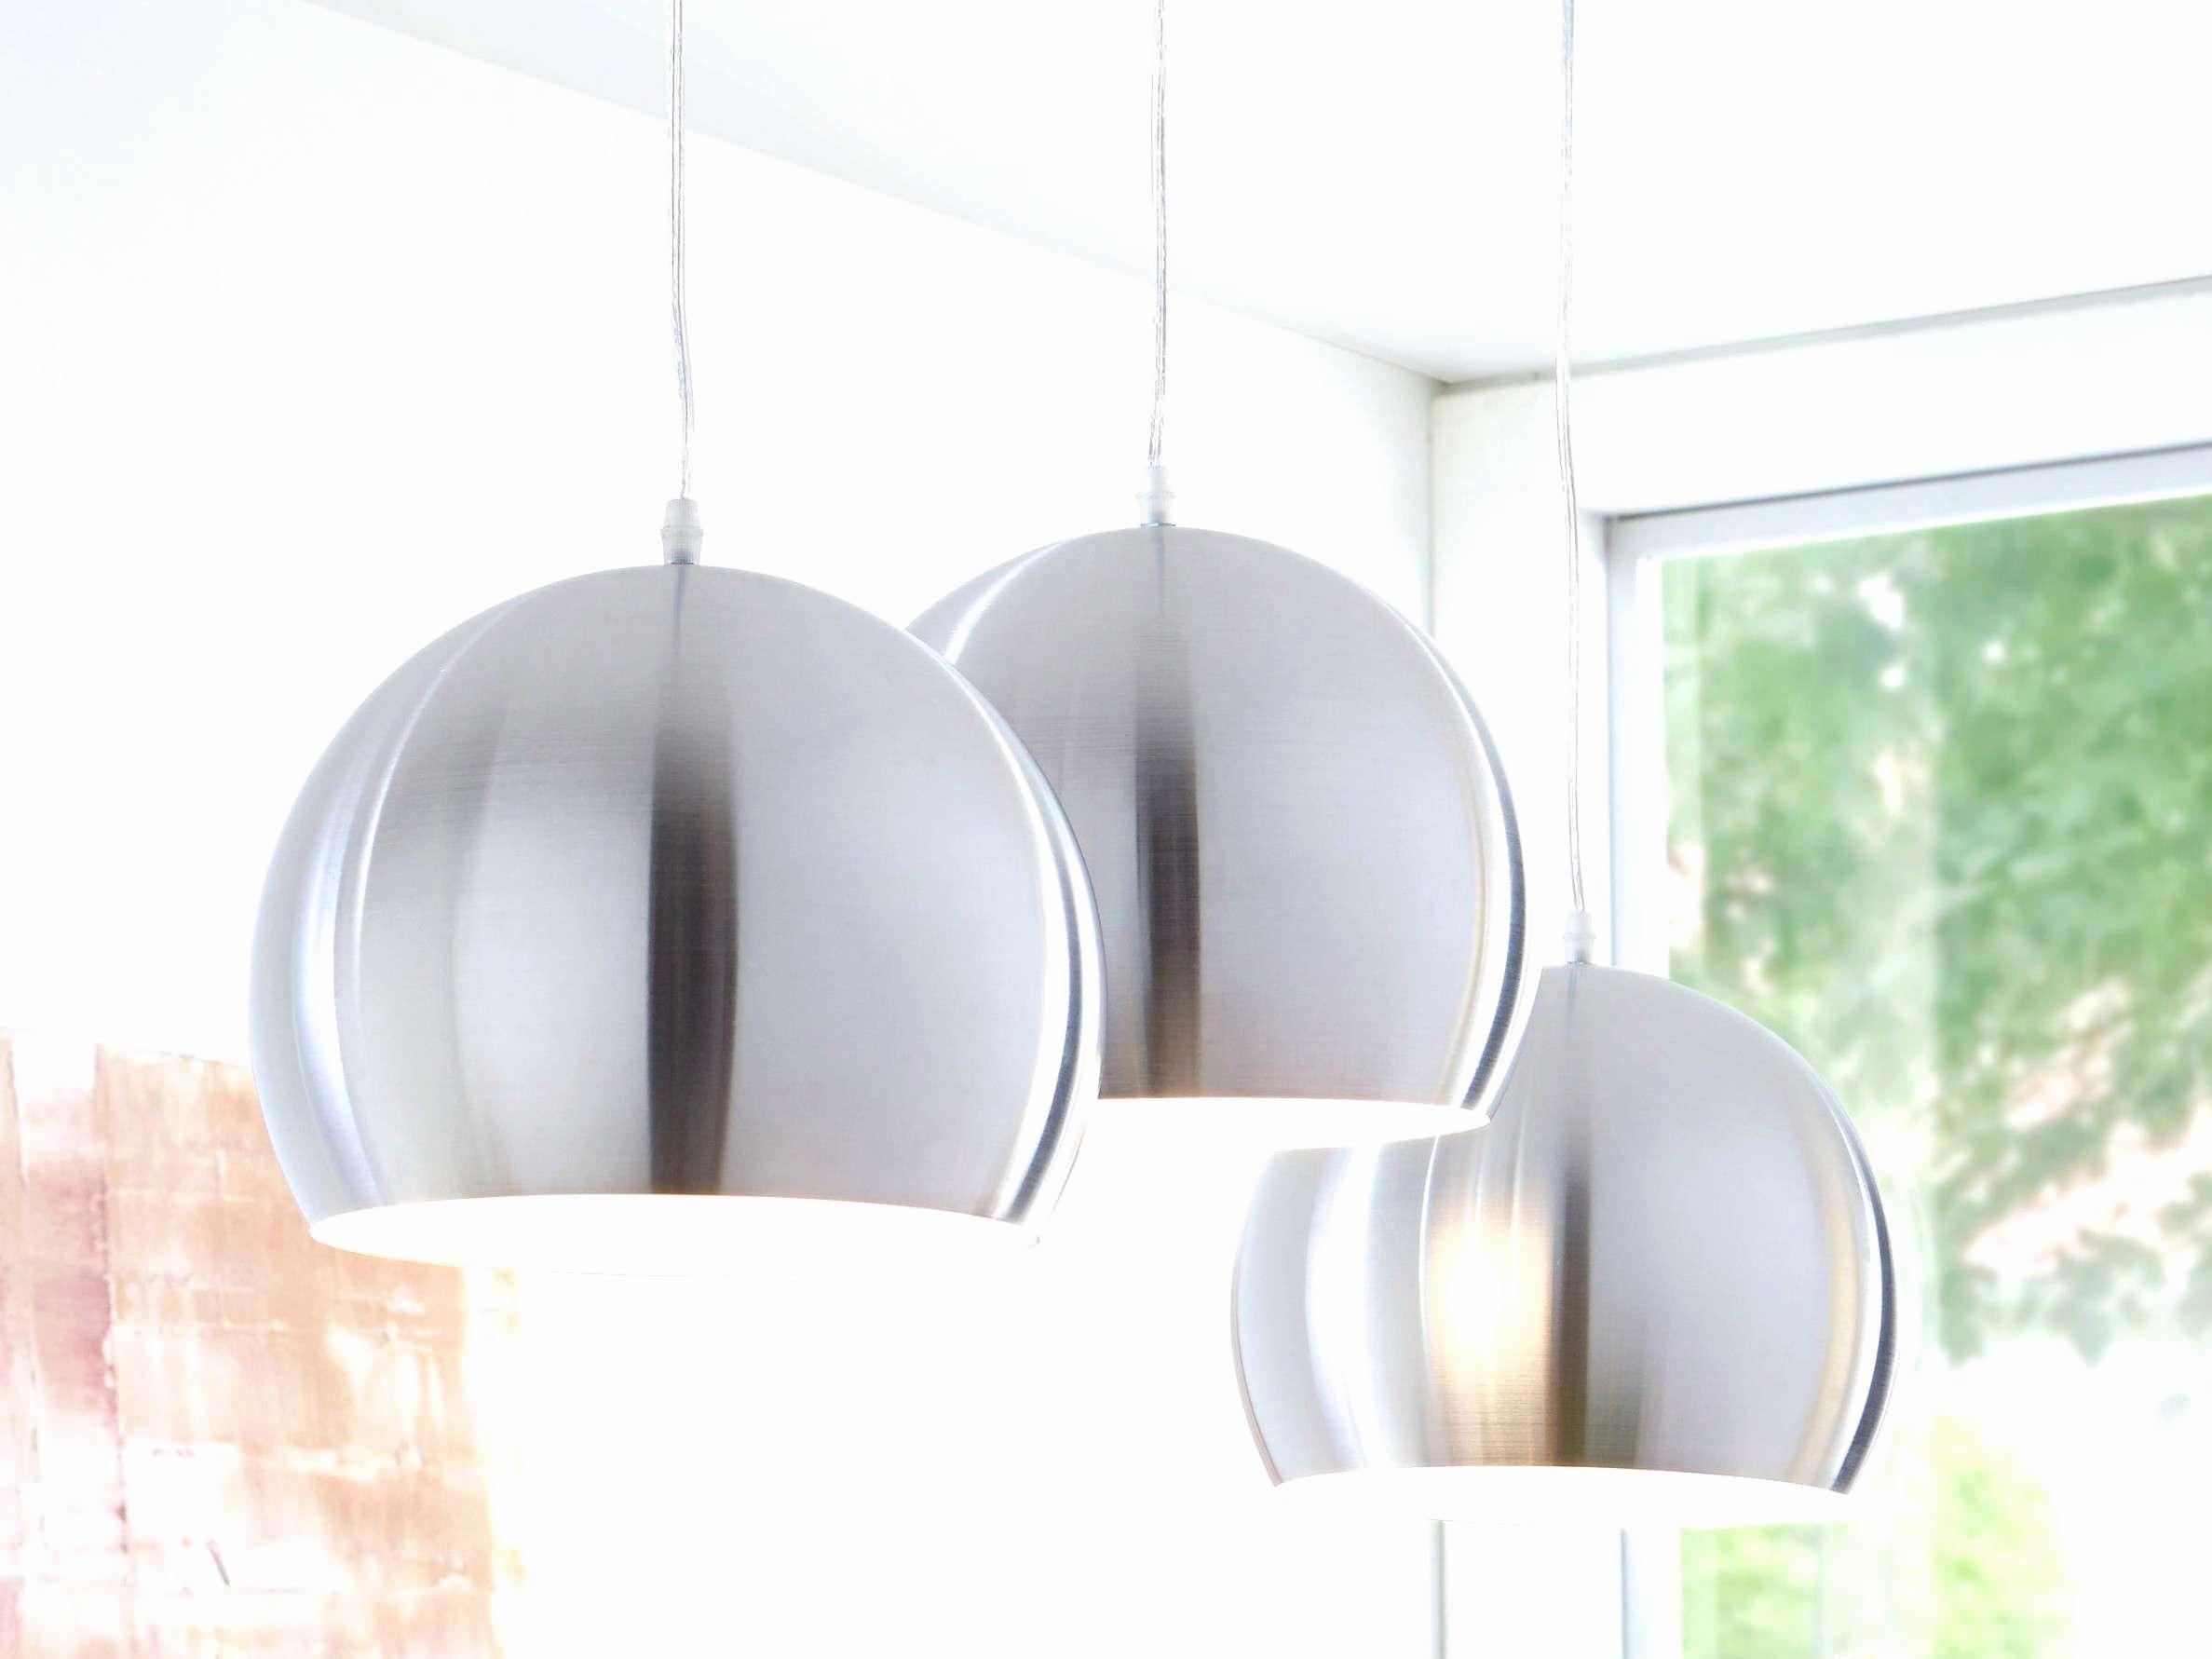 Full Size of Sitzbank Küche Sockelblende Niederdruck Armatur Apothekerschrank Nolte Stengel Miniküche Aufbewahrungsbehälter Sitzecke Einbauküche Mit Elektrogeräten Wohnzimmer Küche Deckenleuchte